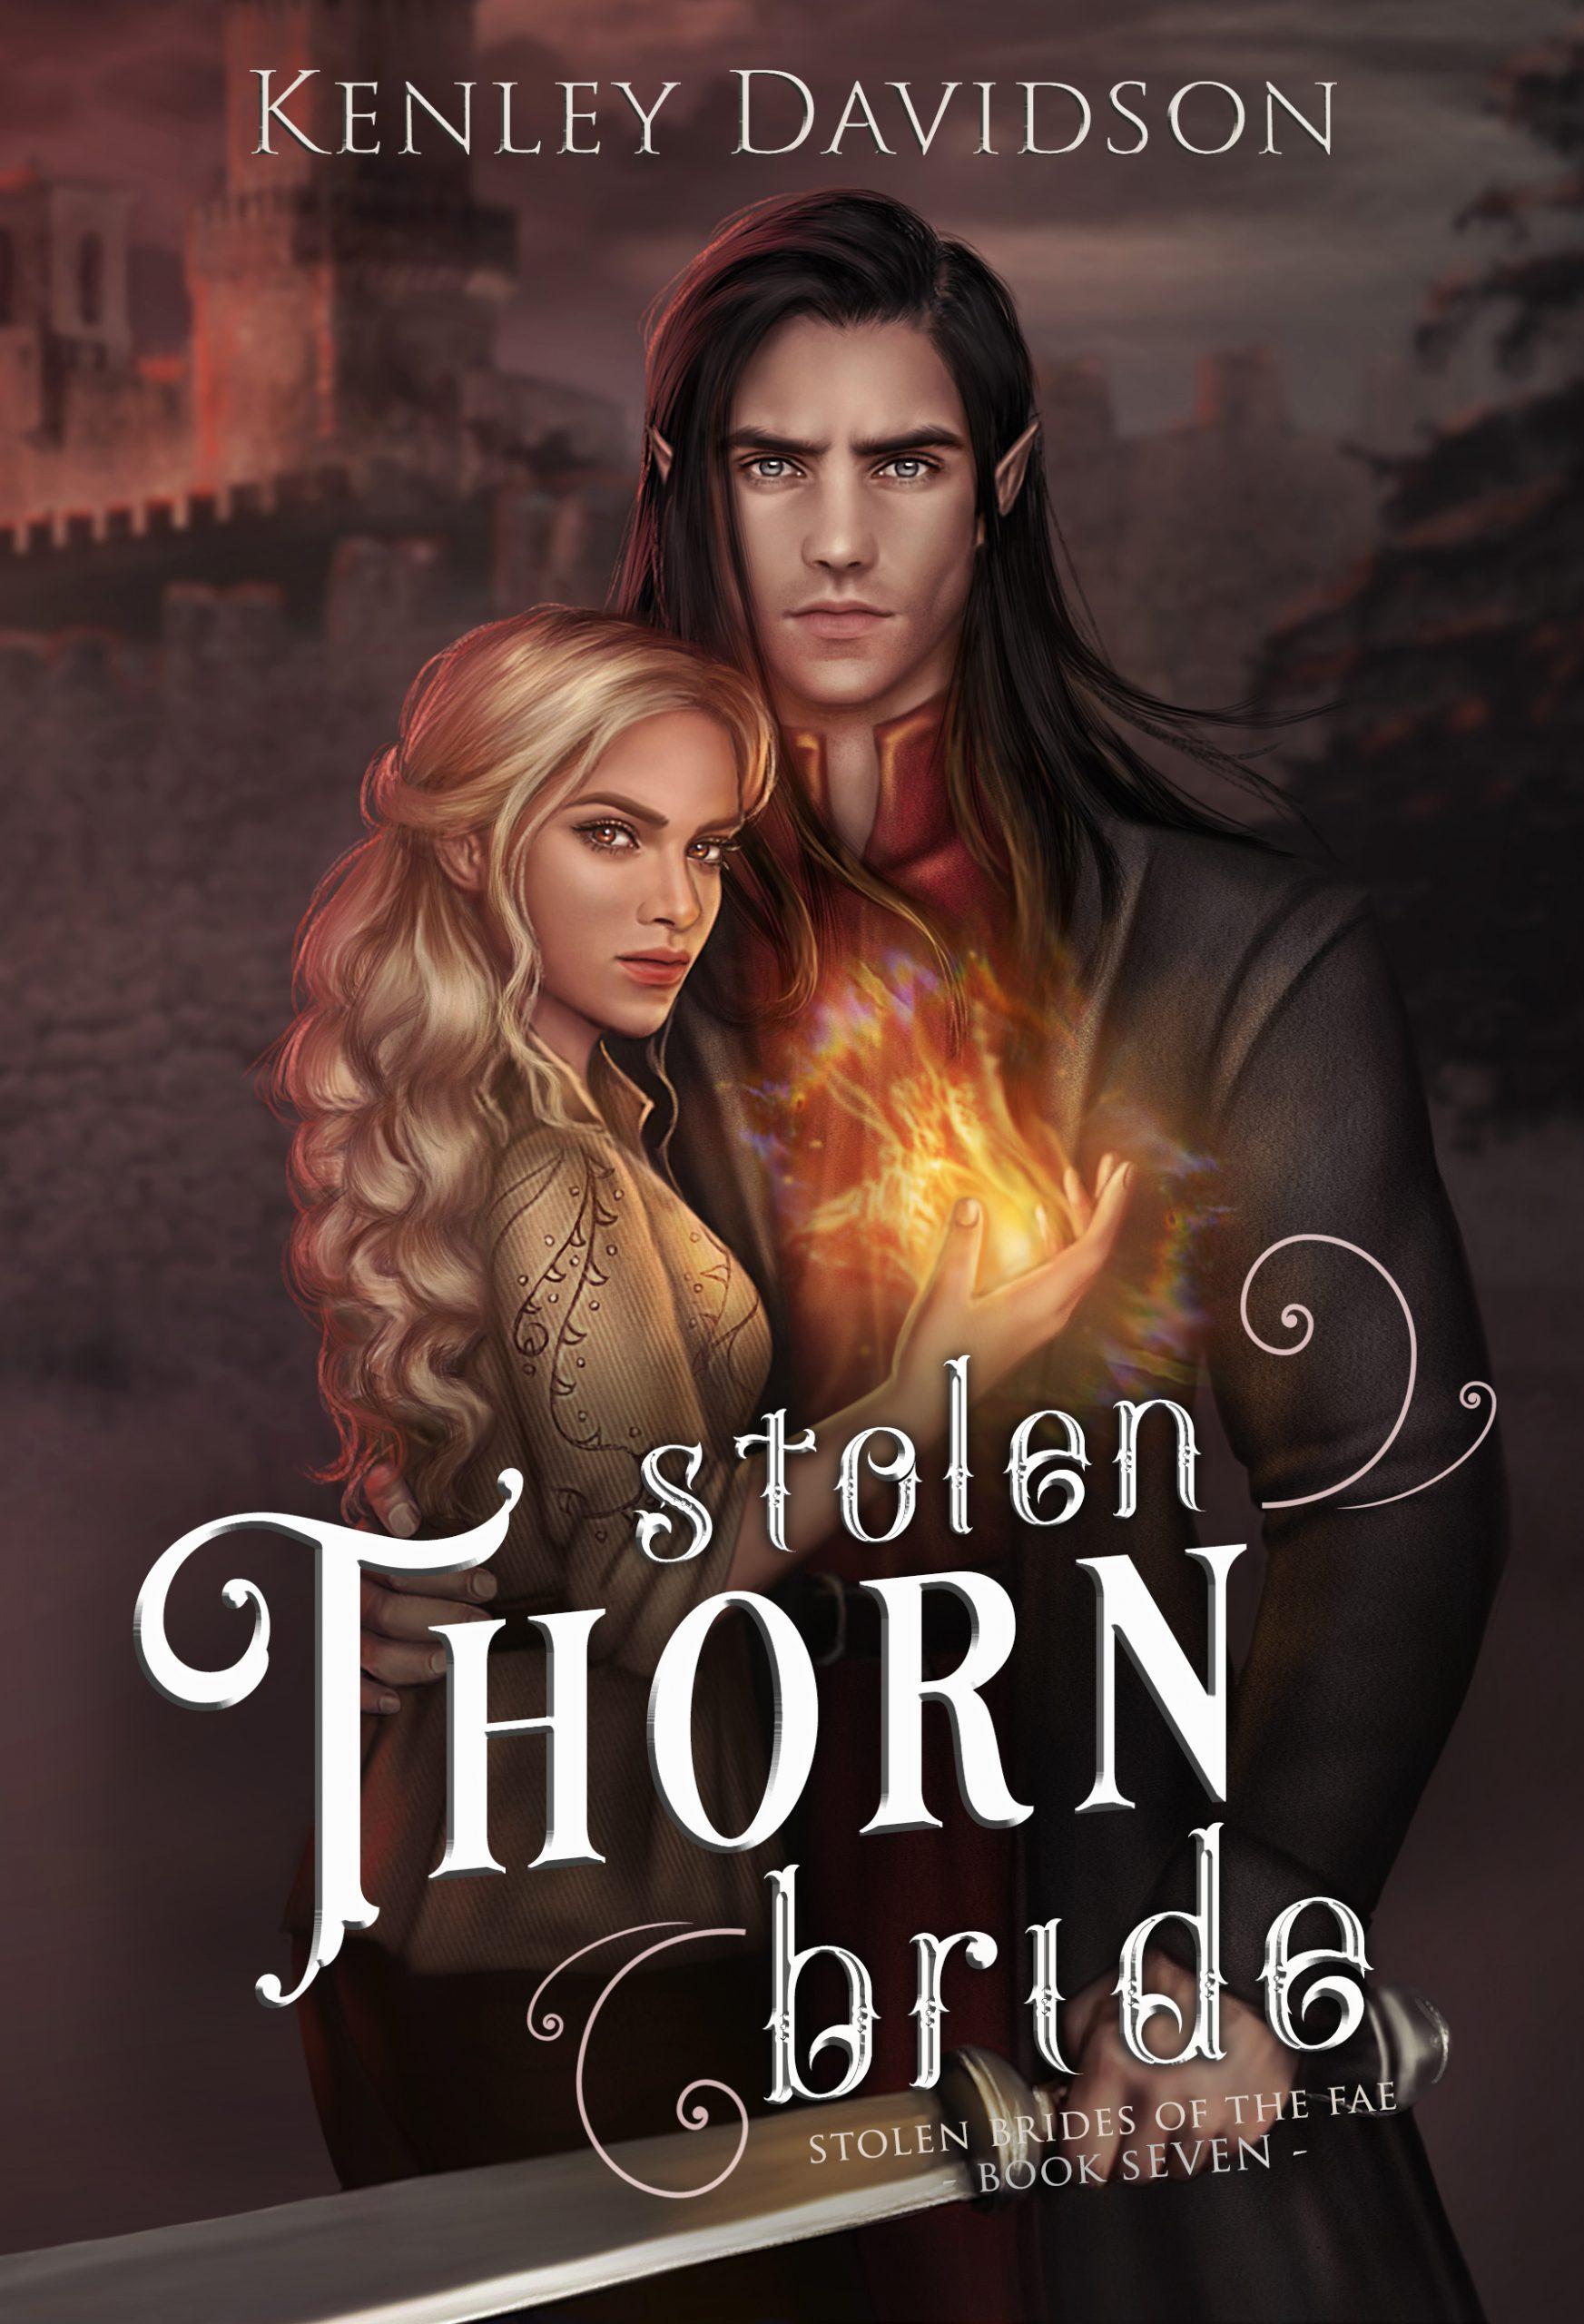 Stolen Thorn Bride